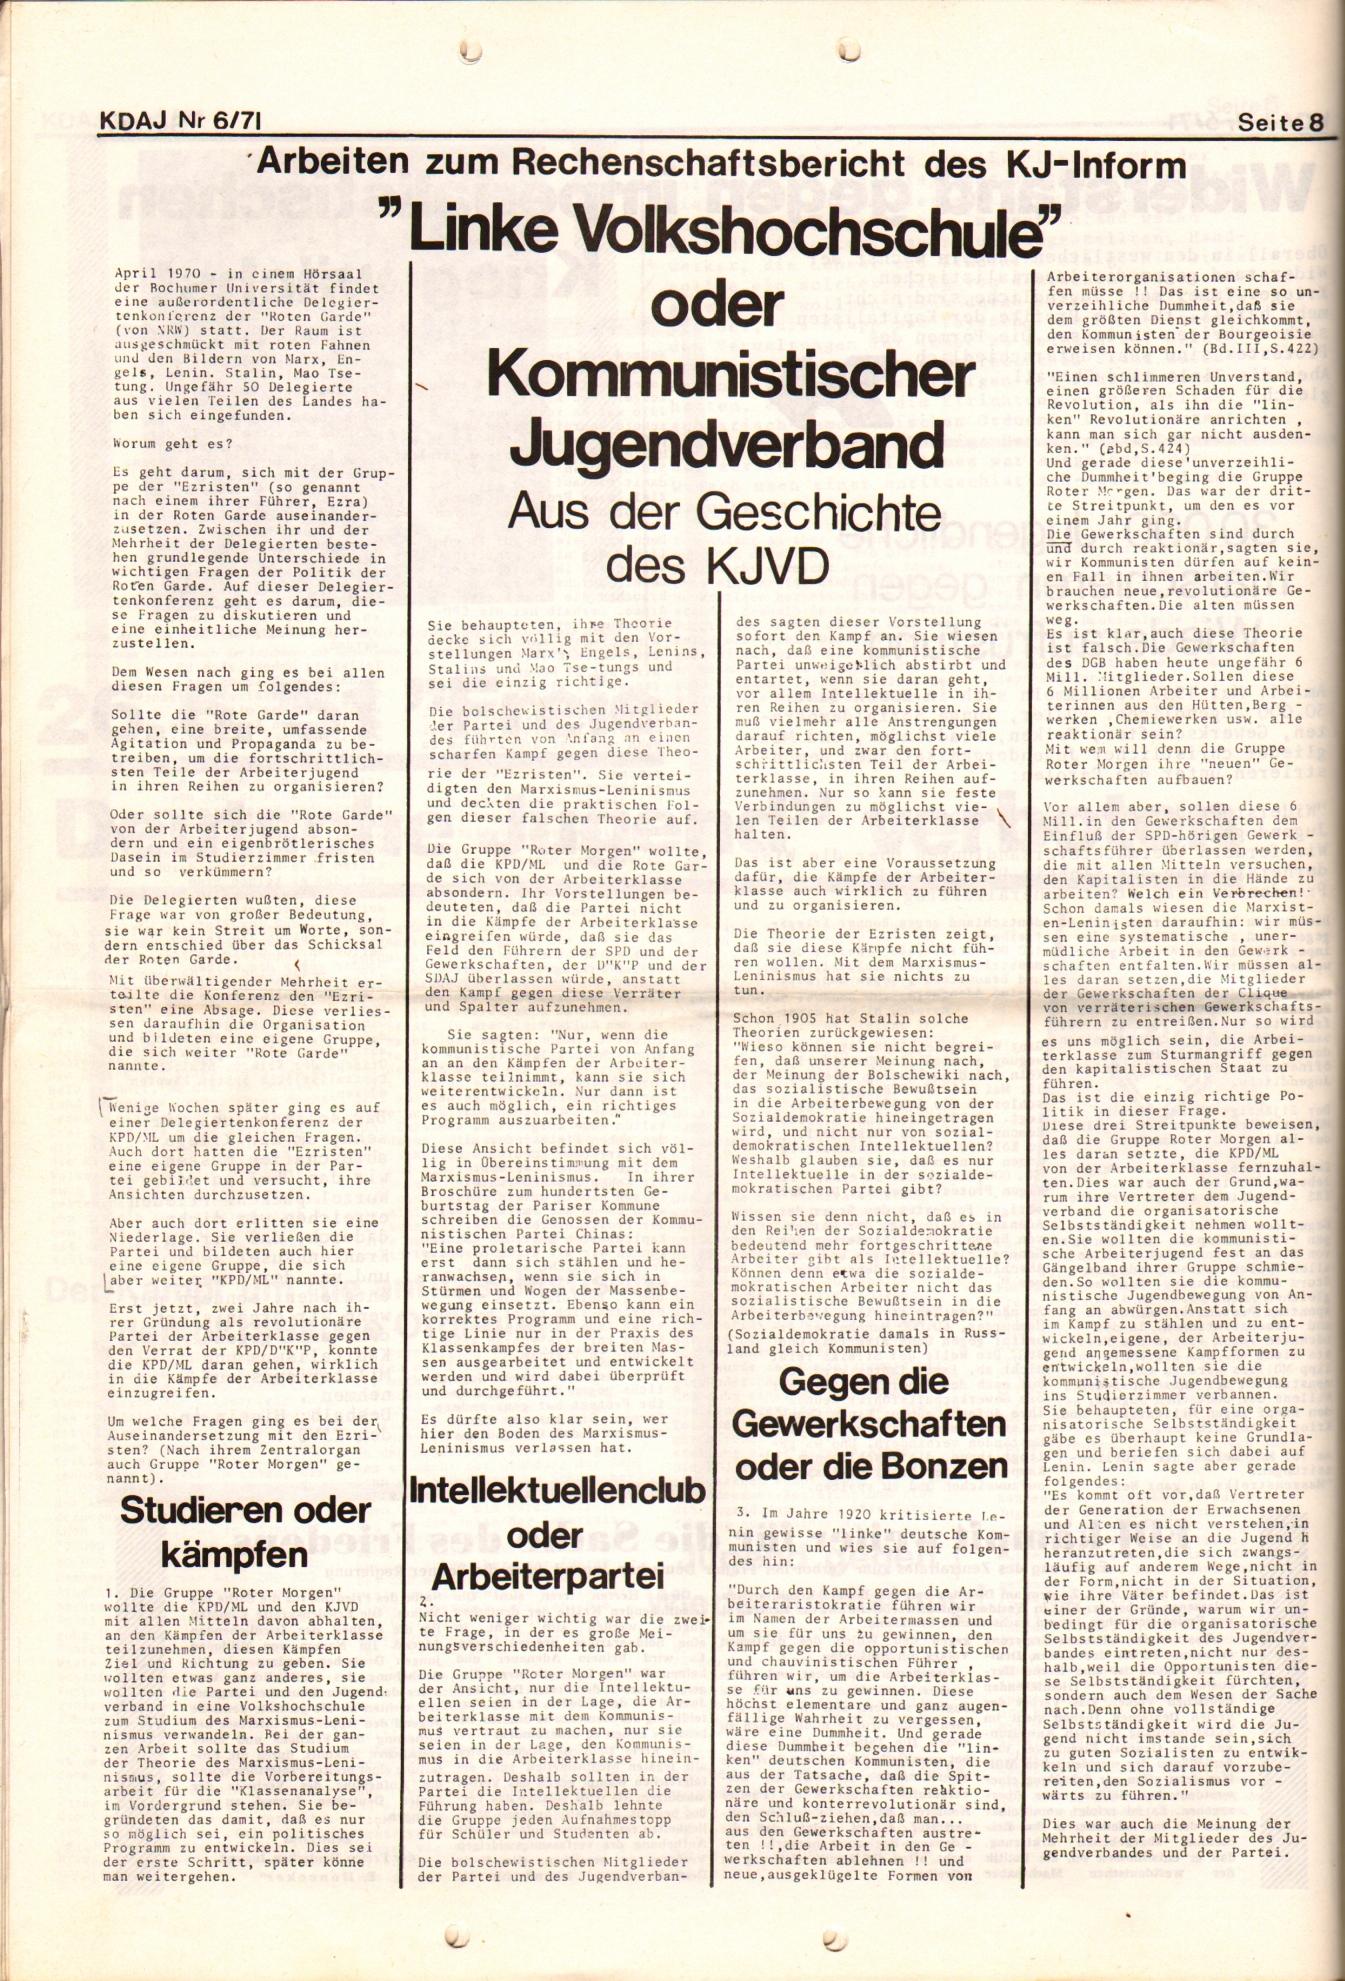 KDAJ, 2. Jg., Juni 1971, Nr. 6, Seite 8